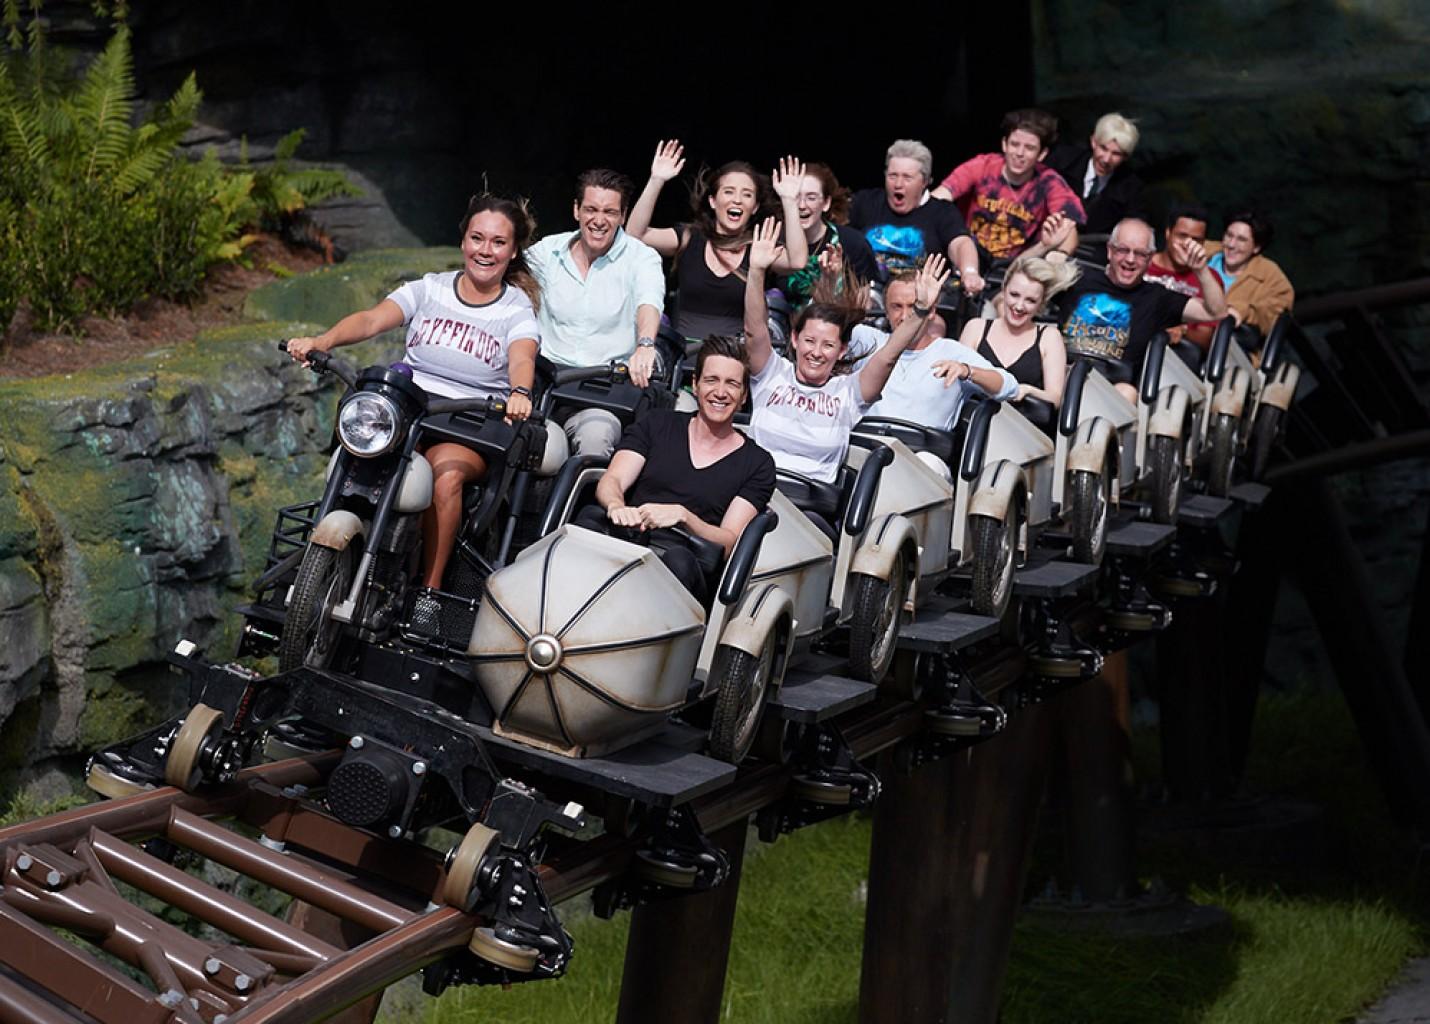 Universal inaugura Hagrid's Magical Creatures Motorbike Adventure em Orlando